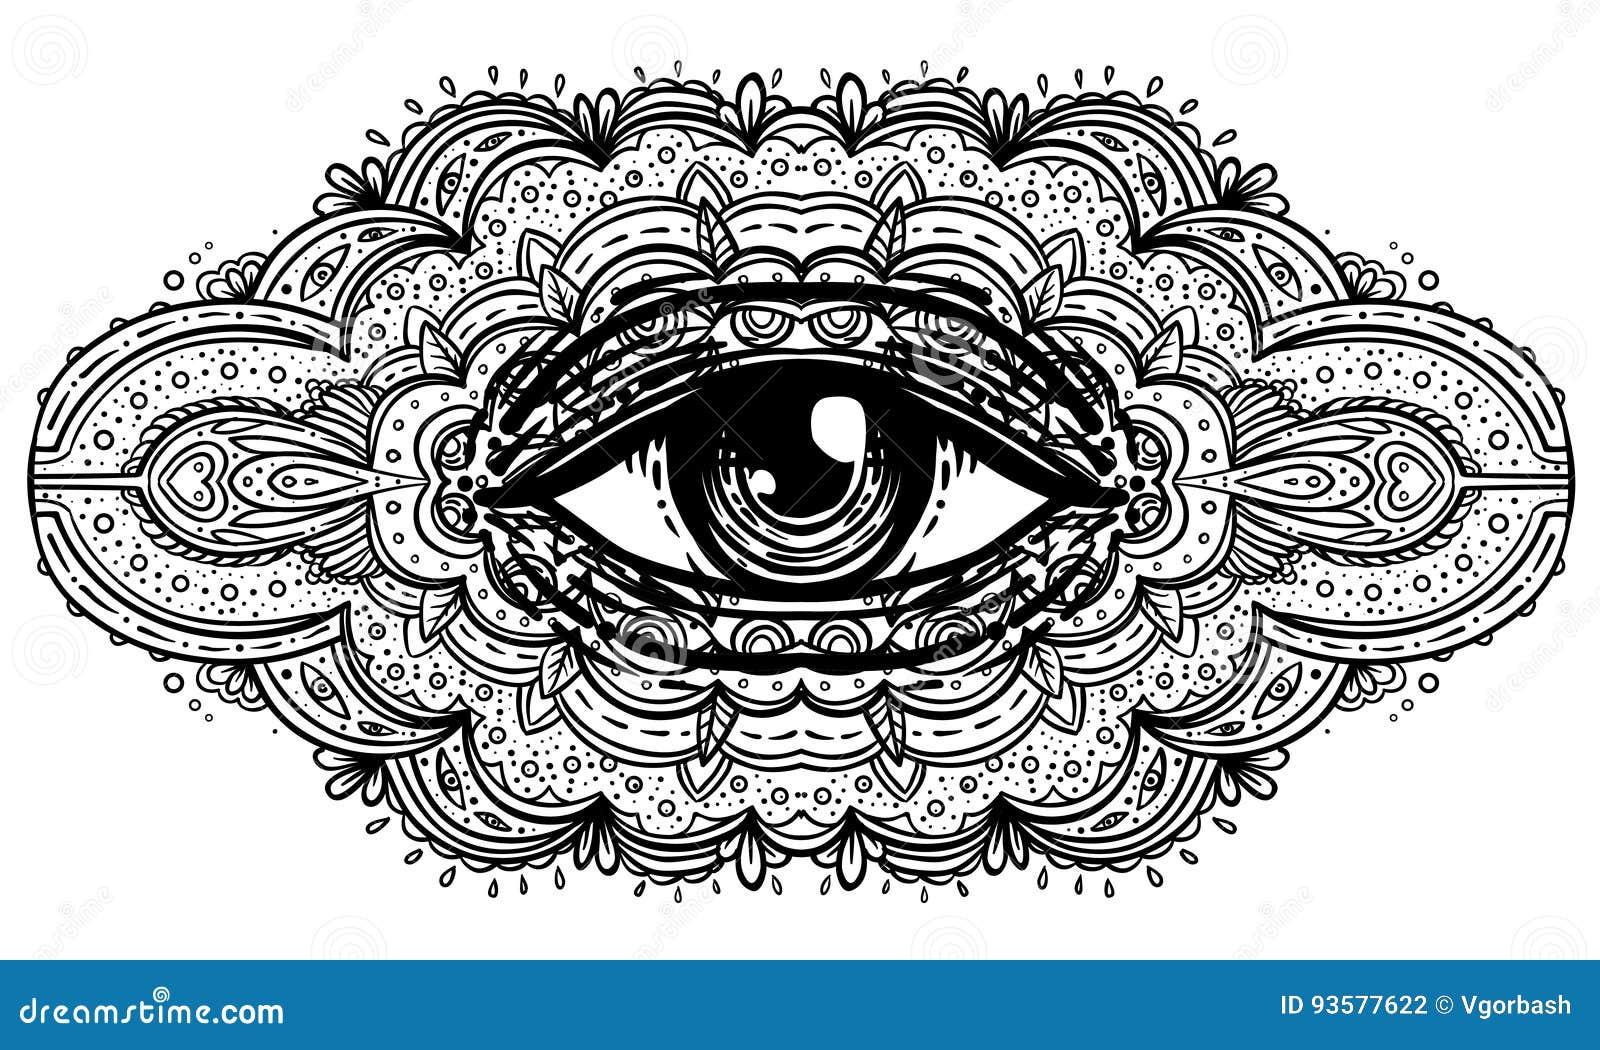 Allen die oog in overladen mandala zien inspireerden patroon Mysticus, alche